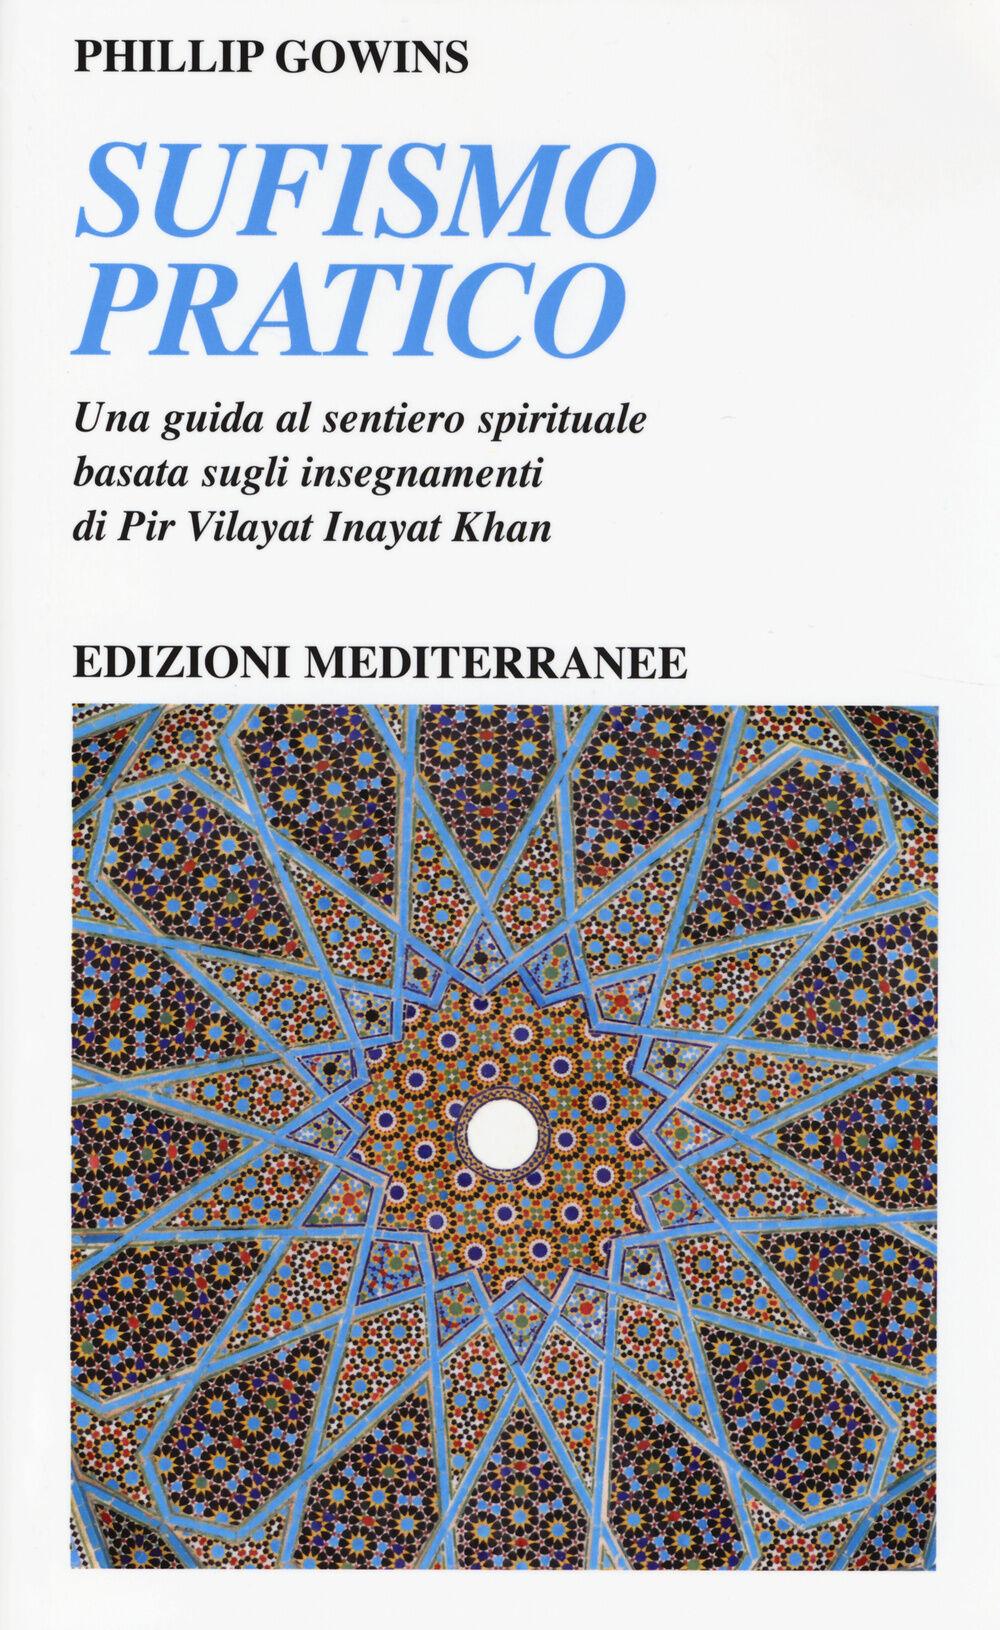 Sufismo pratico. Una guida al sentiero spirituale, basata sugli insegnamenti di Pir Vilayant Inayat Khan